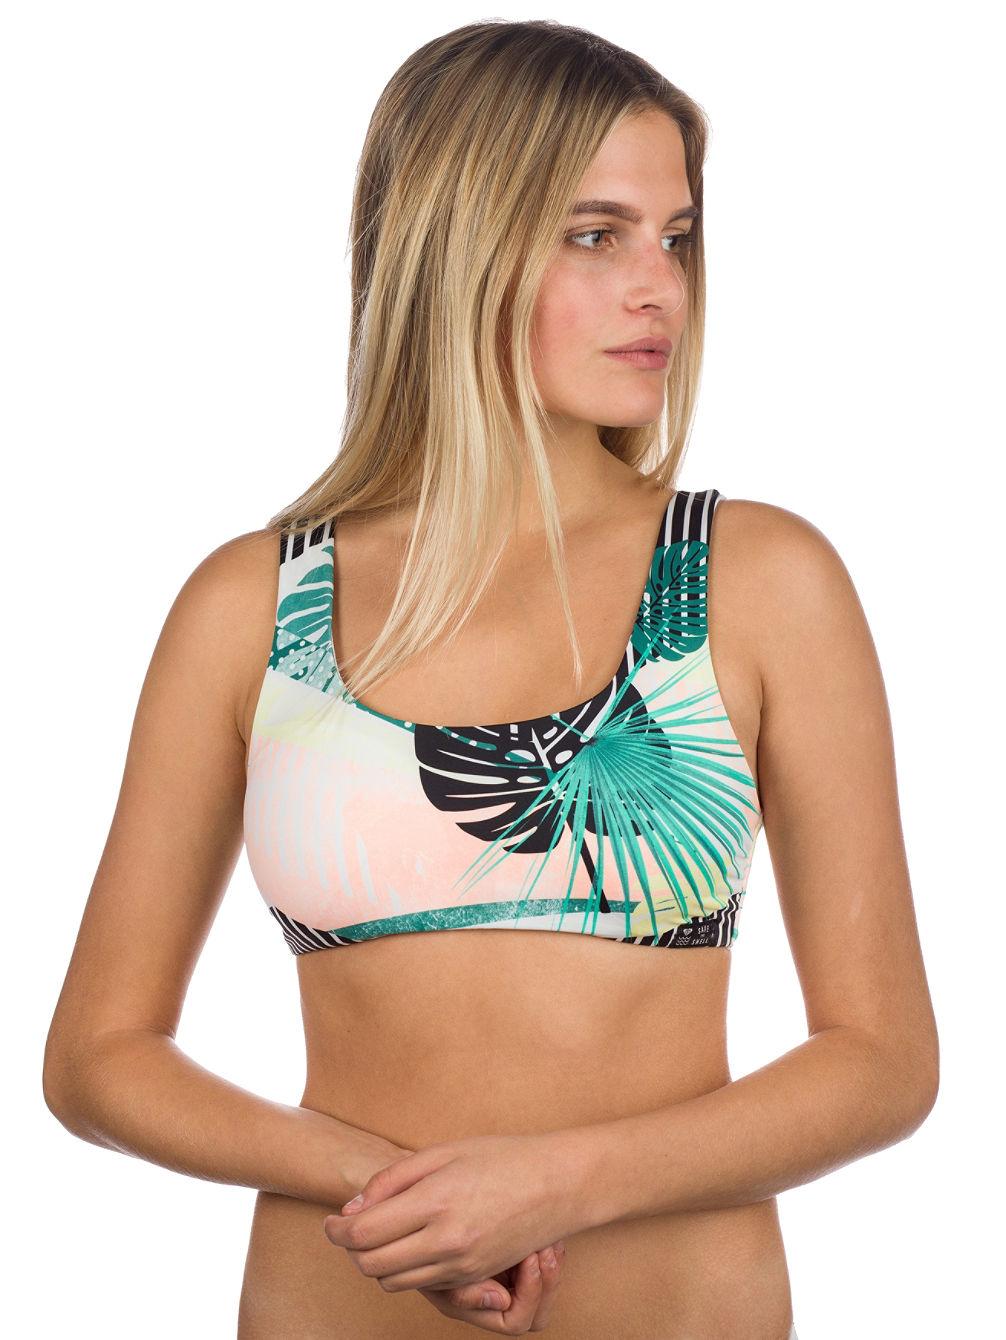 54e247fddca7de Buy Roxy Pop Surf Full Printed Bikini Top online at Blue Tomato